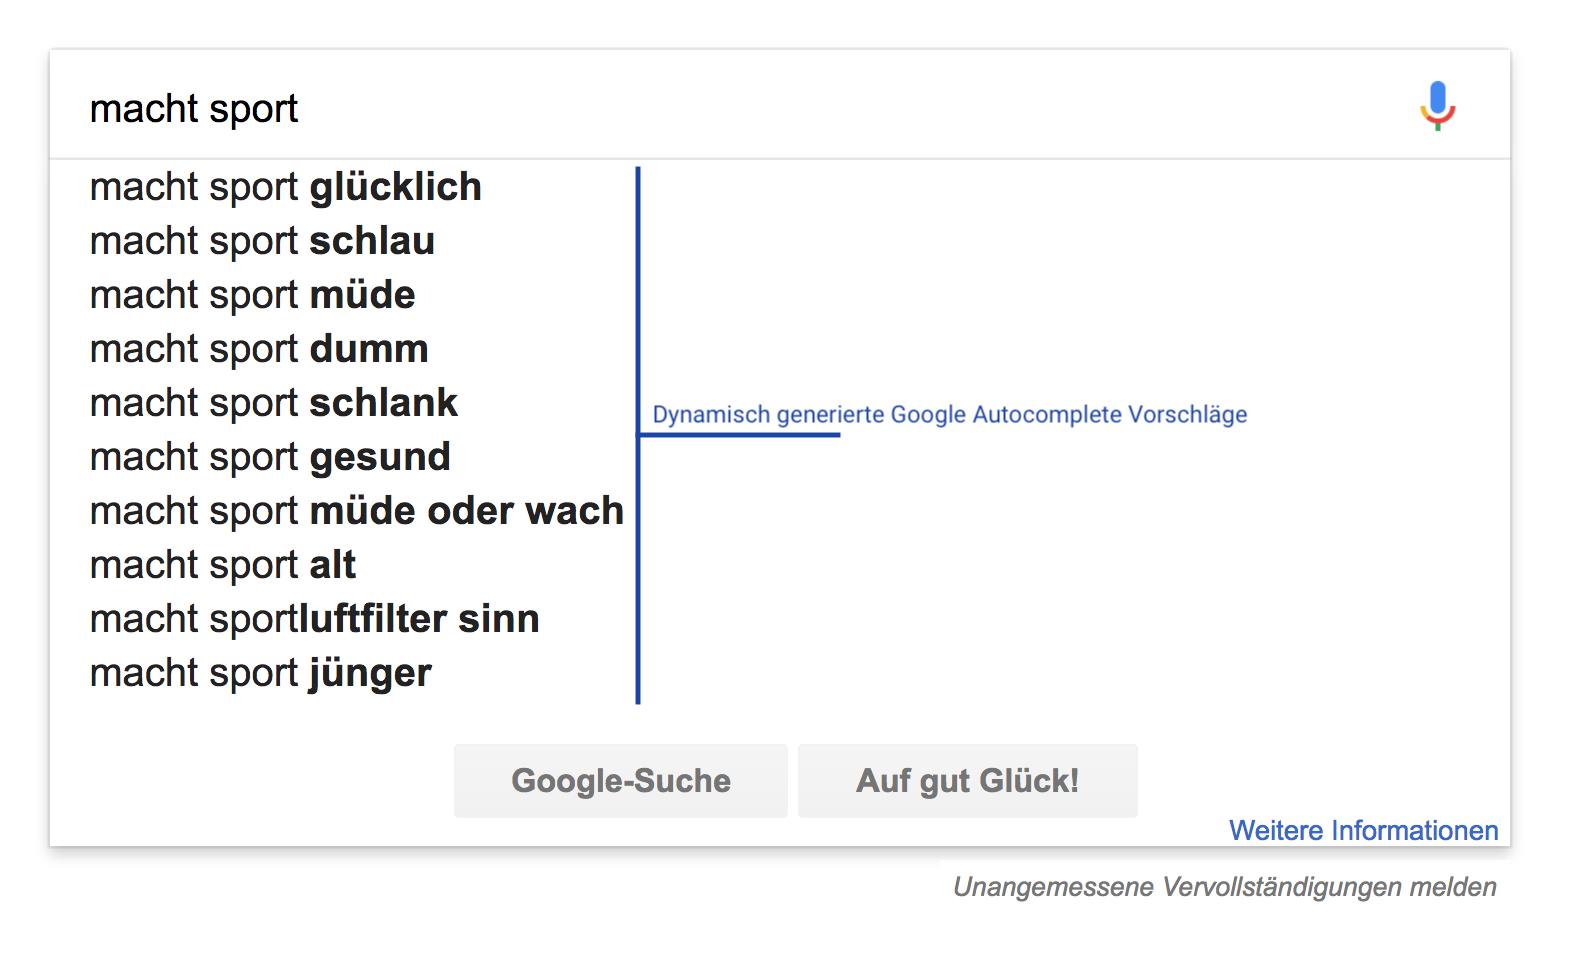 """Zeigt die Google Suggest Suchvorschläge für das Keyword """"macht sport"""" an."""